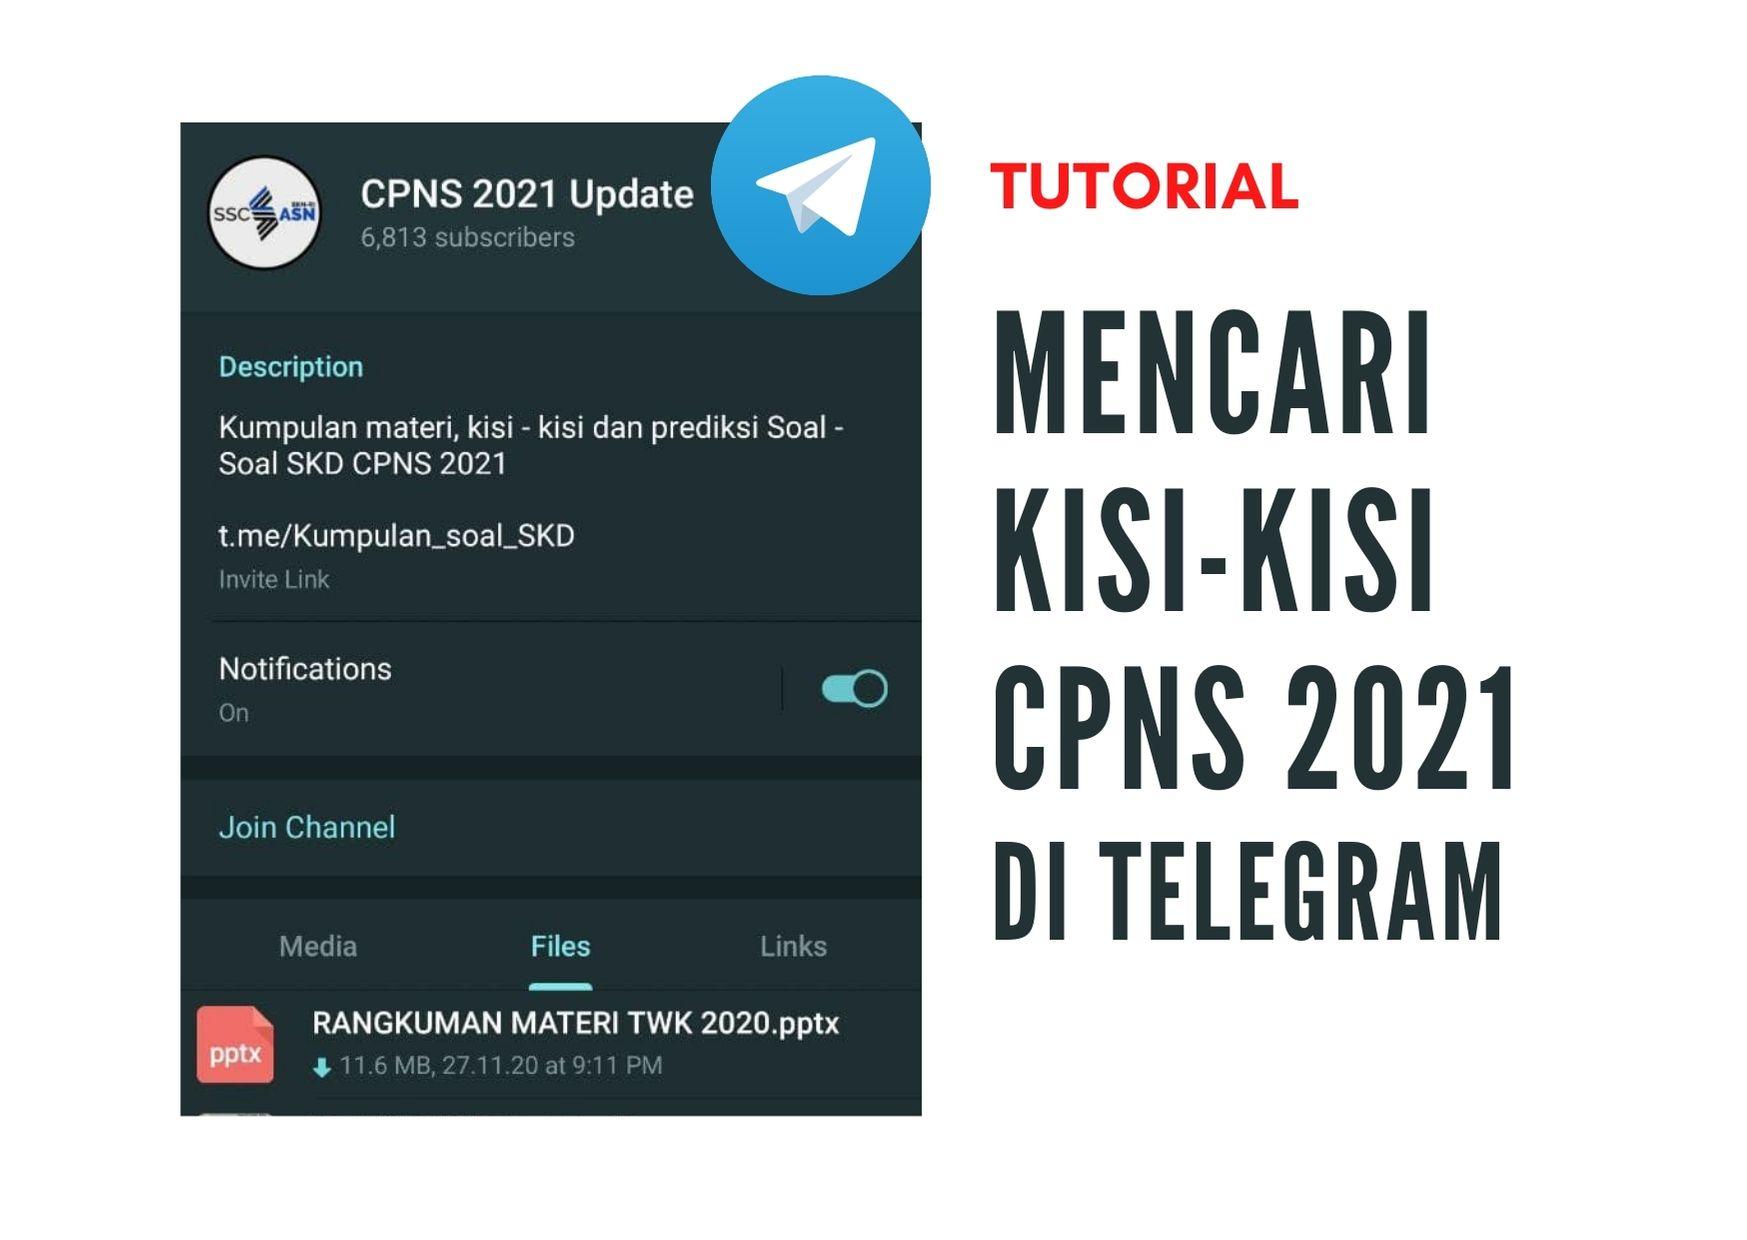 Cara Mencari Kisi Kisi Soal Cpns 2021 Di Grup Telegram Viralnesia